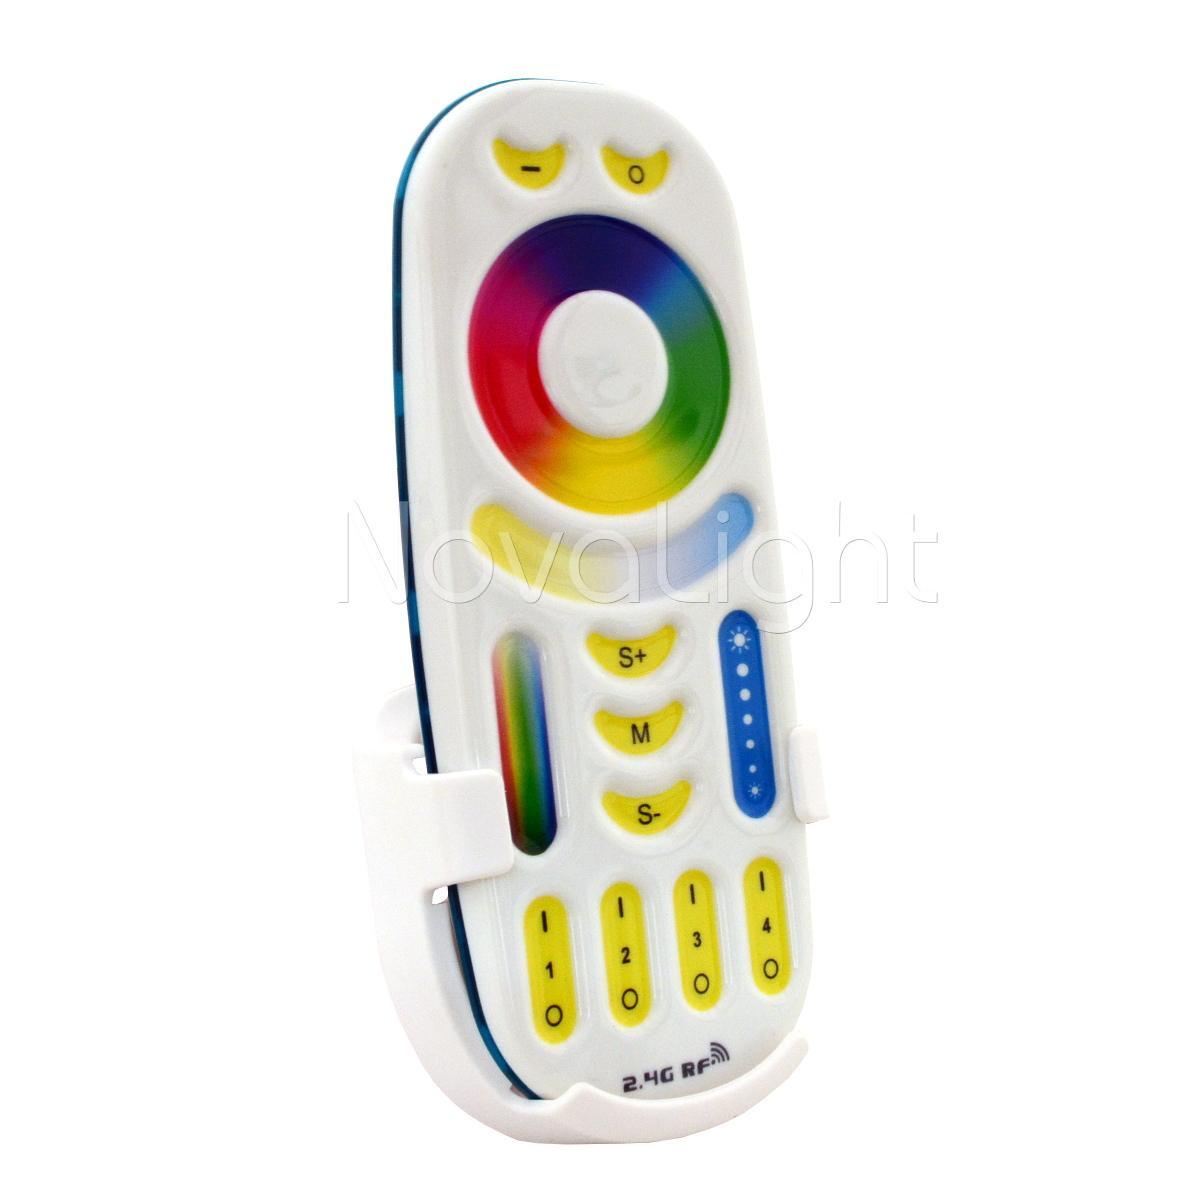 NovaRF - Soporte de Pared para control remoto portatil